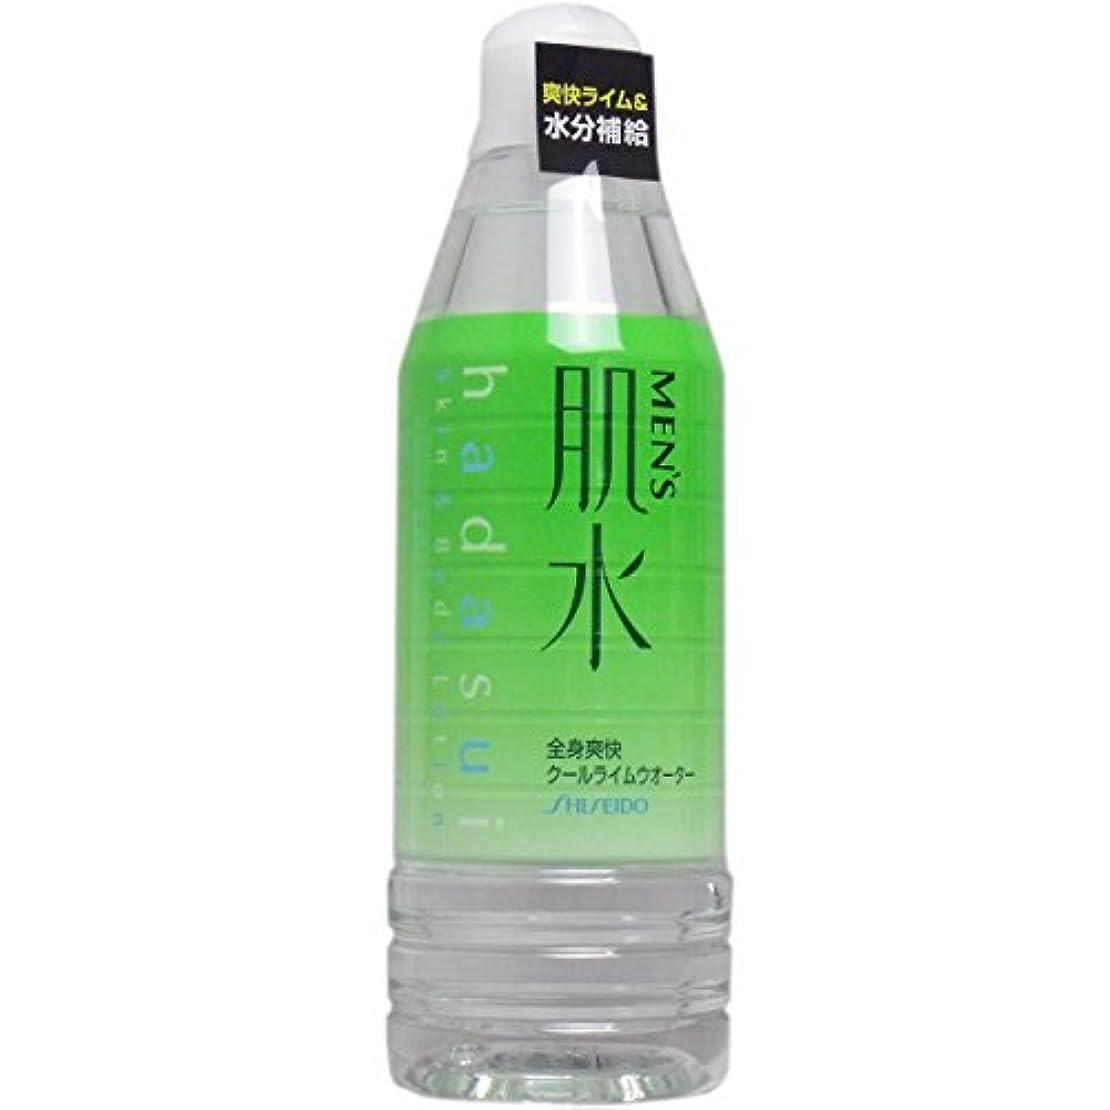 インフルエンザふざけた昼食メンズ肌水 ボトルタイプ 400ml